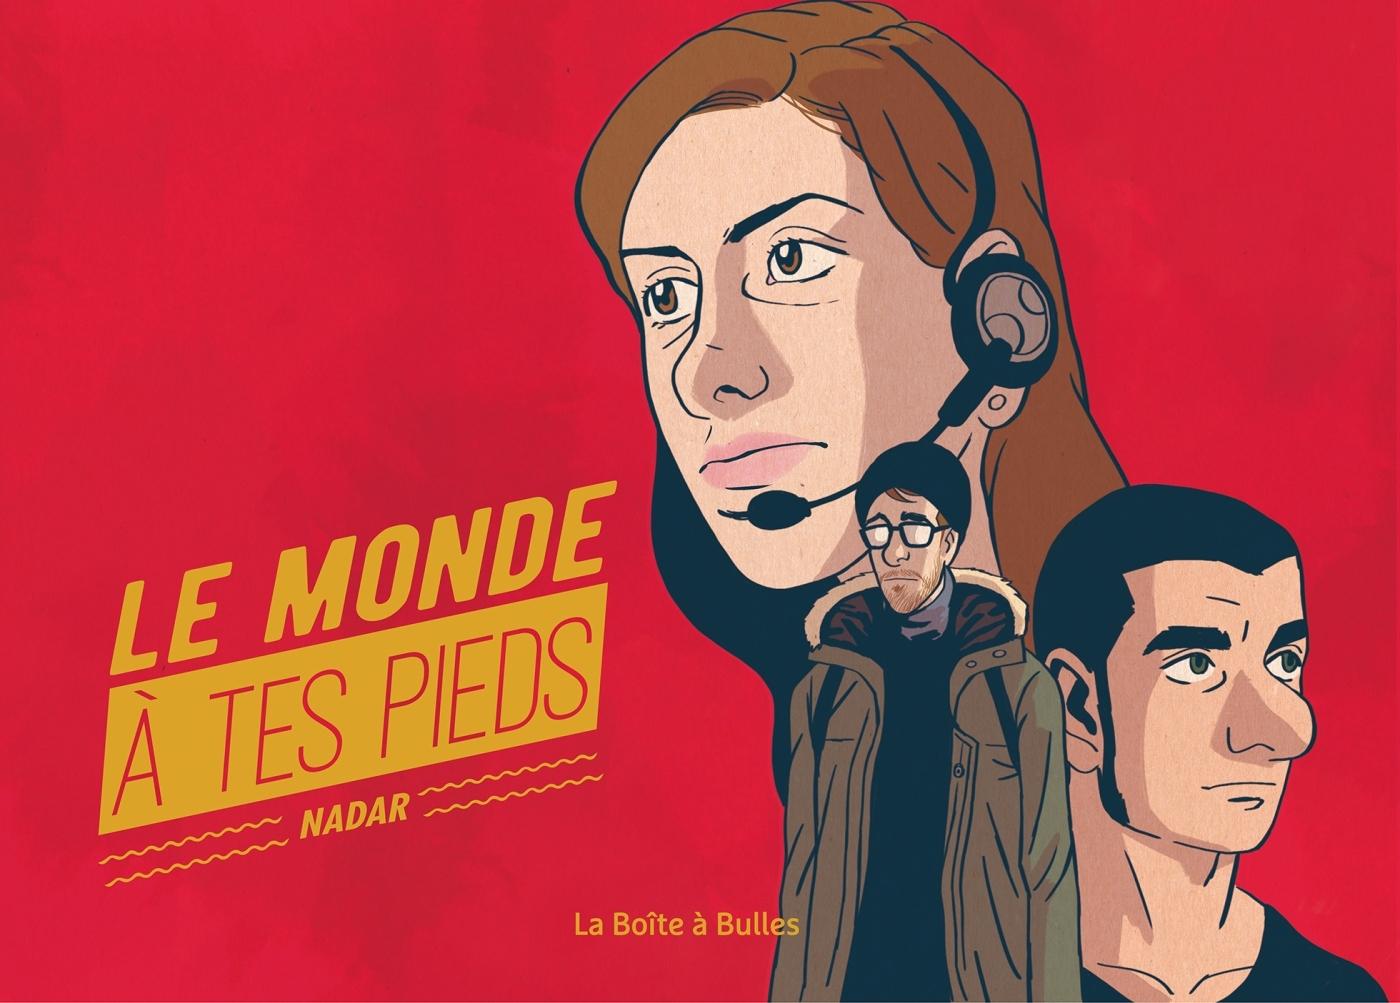 LE MONDE A TES PIEDS